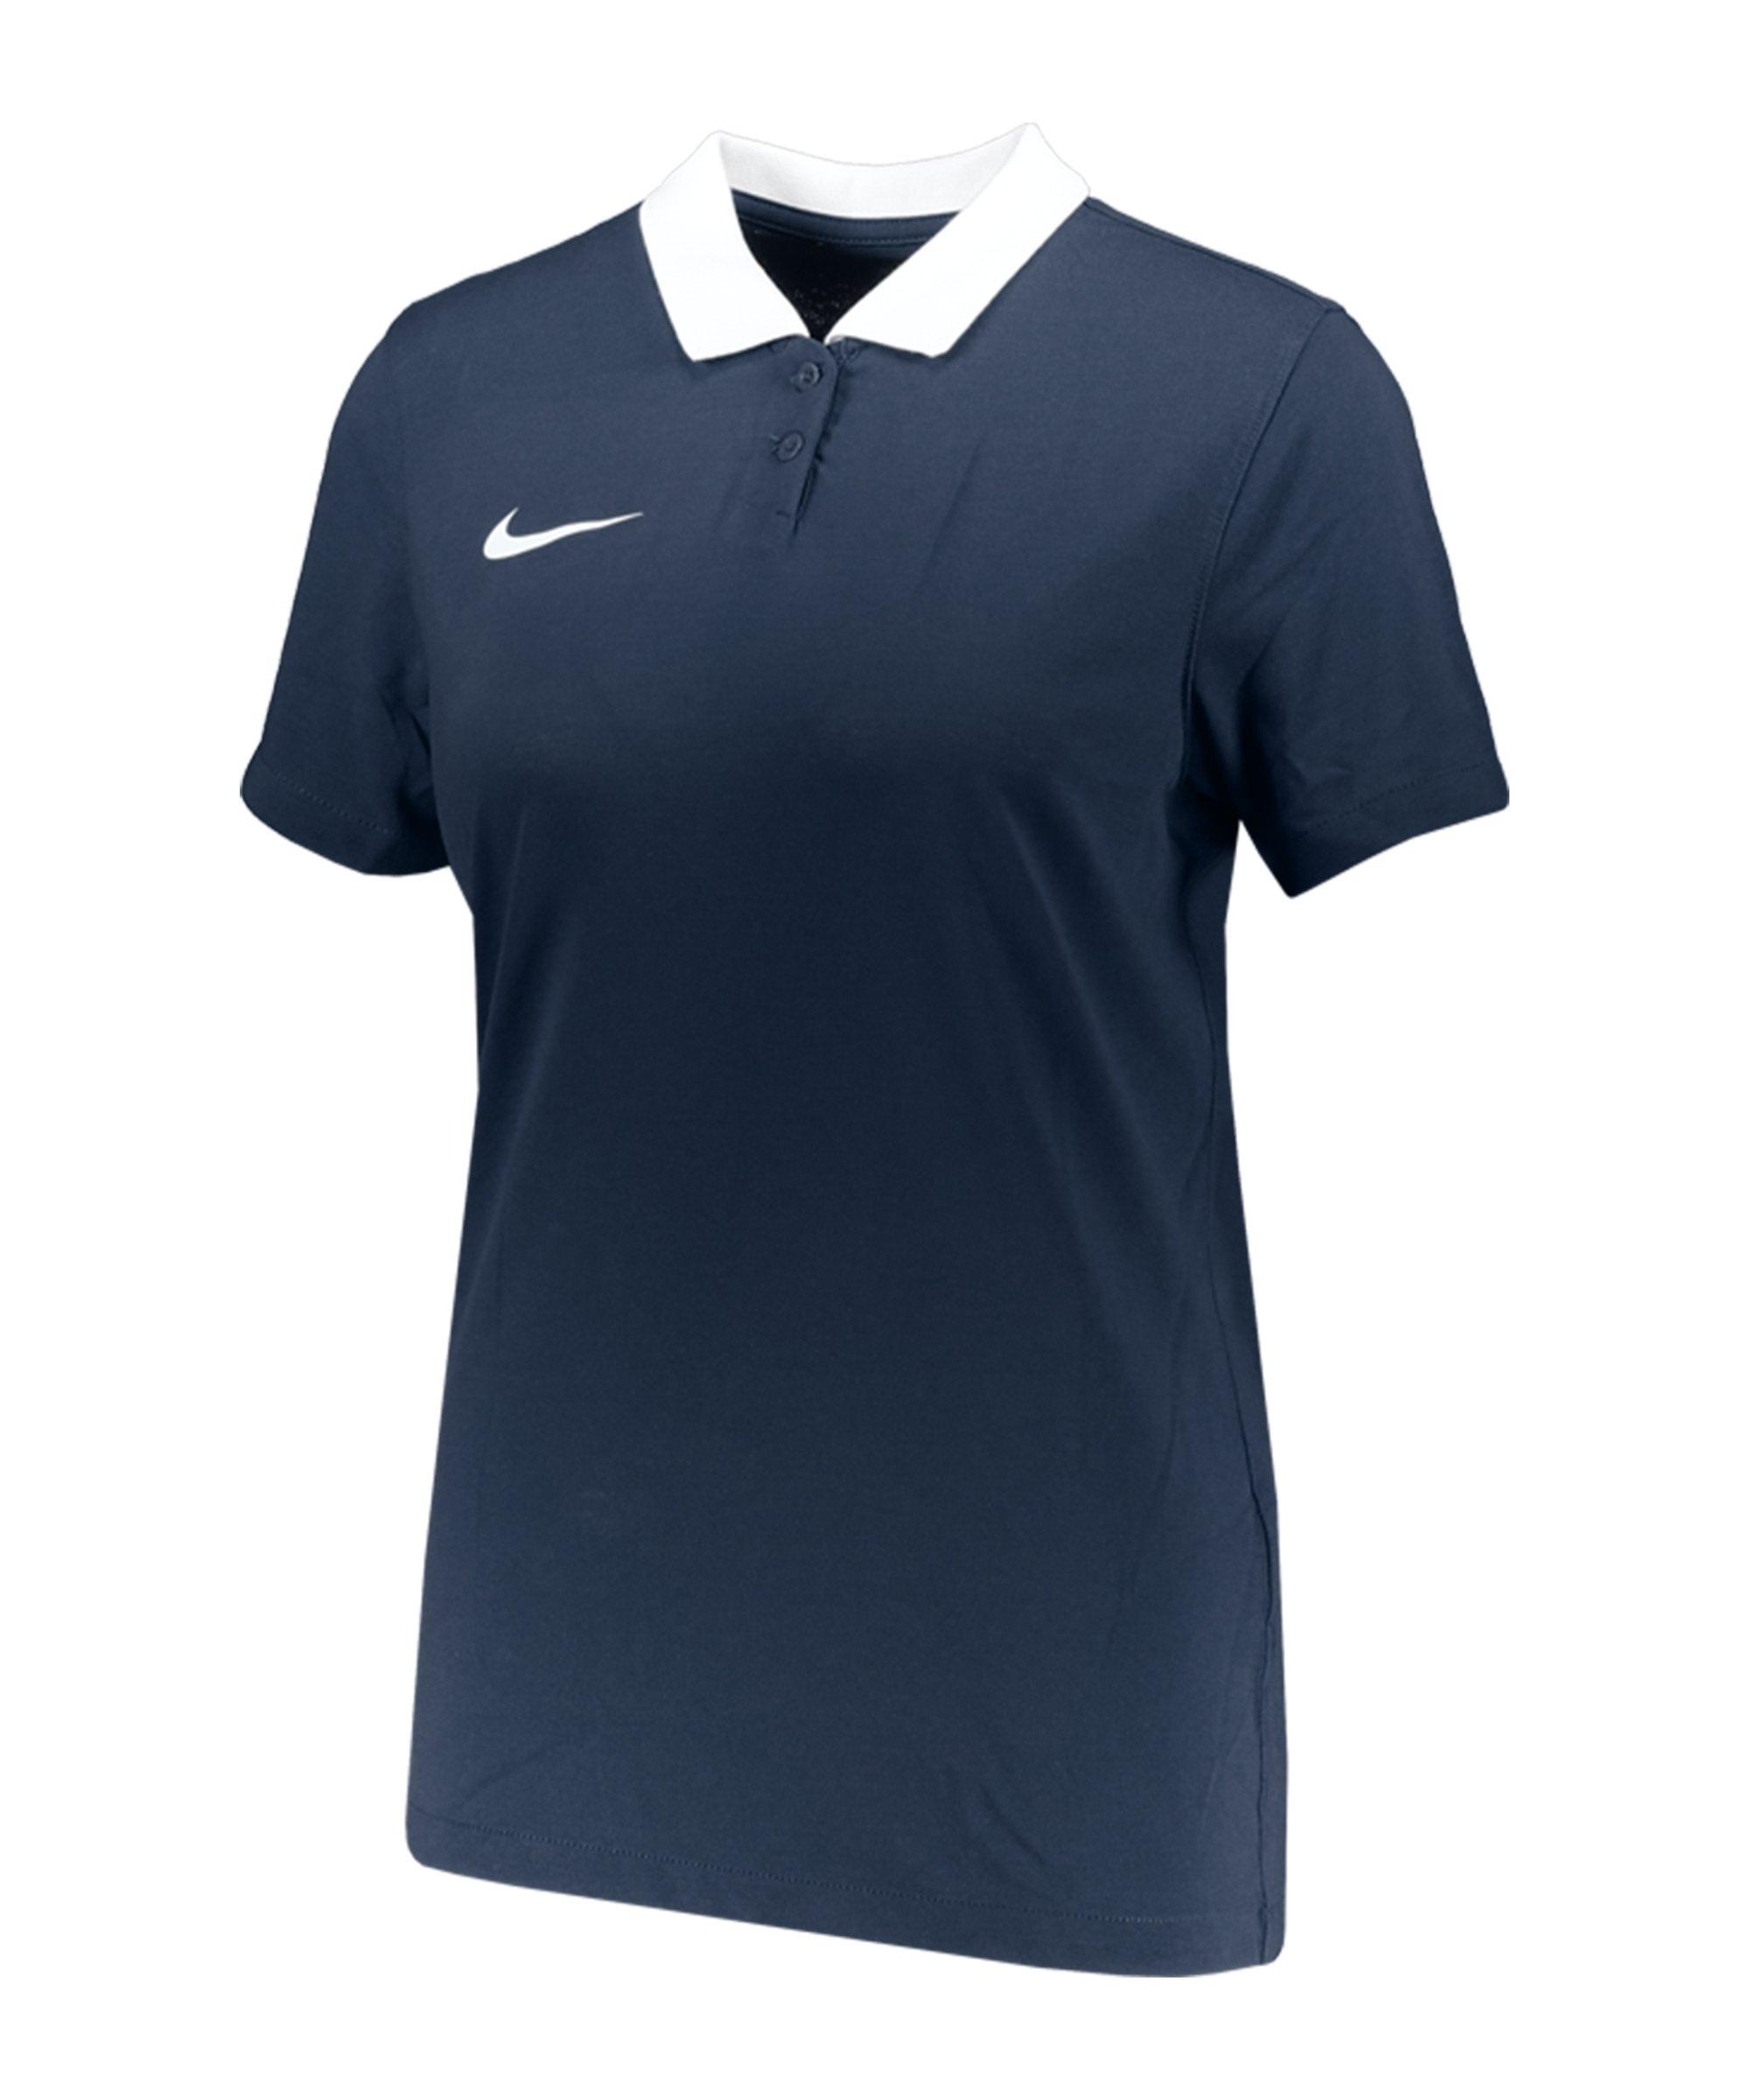 Nike Park 20 Poloshirt Damen Blau Weiss F451 - blau